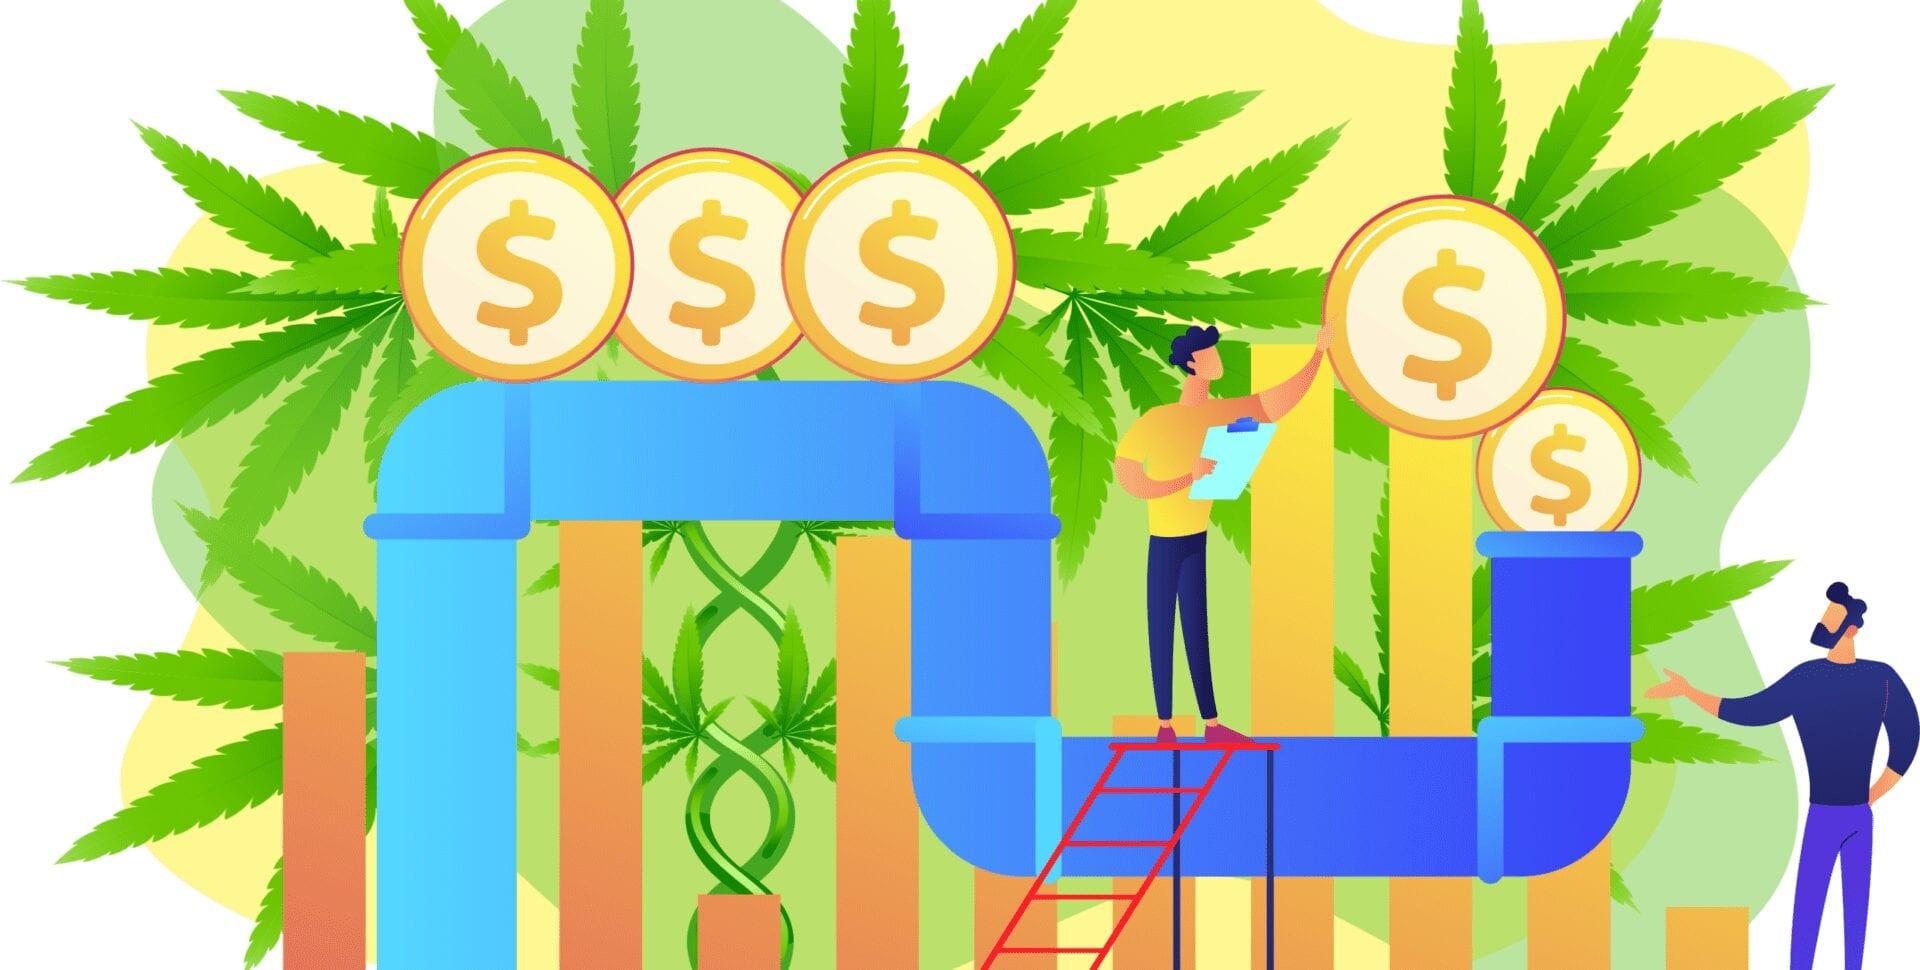 rainbow cannabis